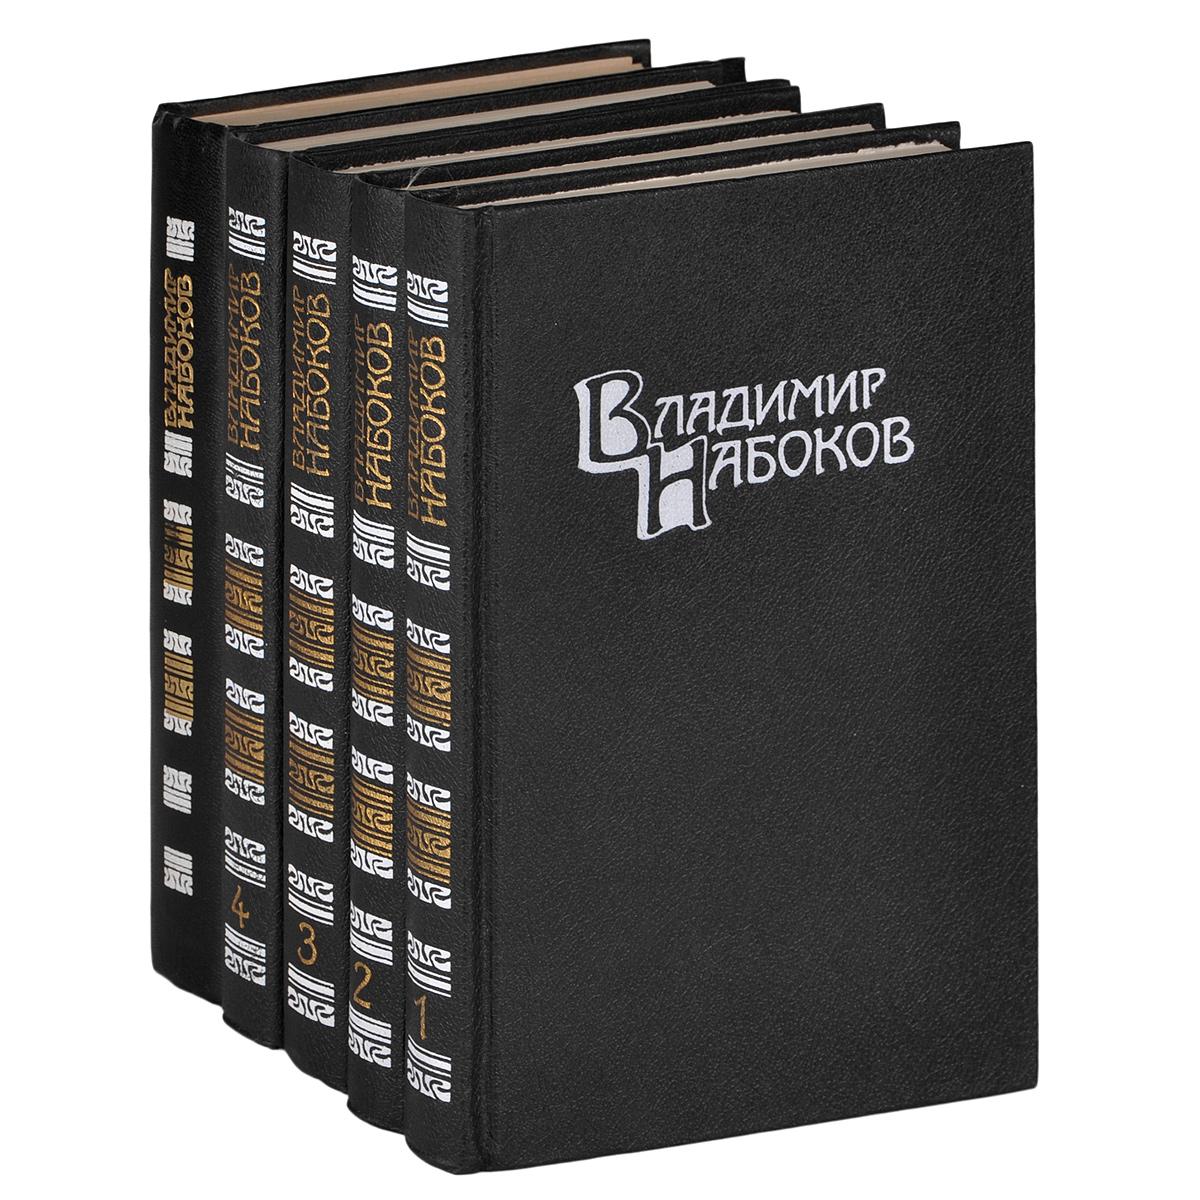 Владимир Набоков Владимир Набоков. Собрание сочинений в 4 томах + дополнительный том (комплект из 5 книг)